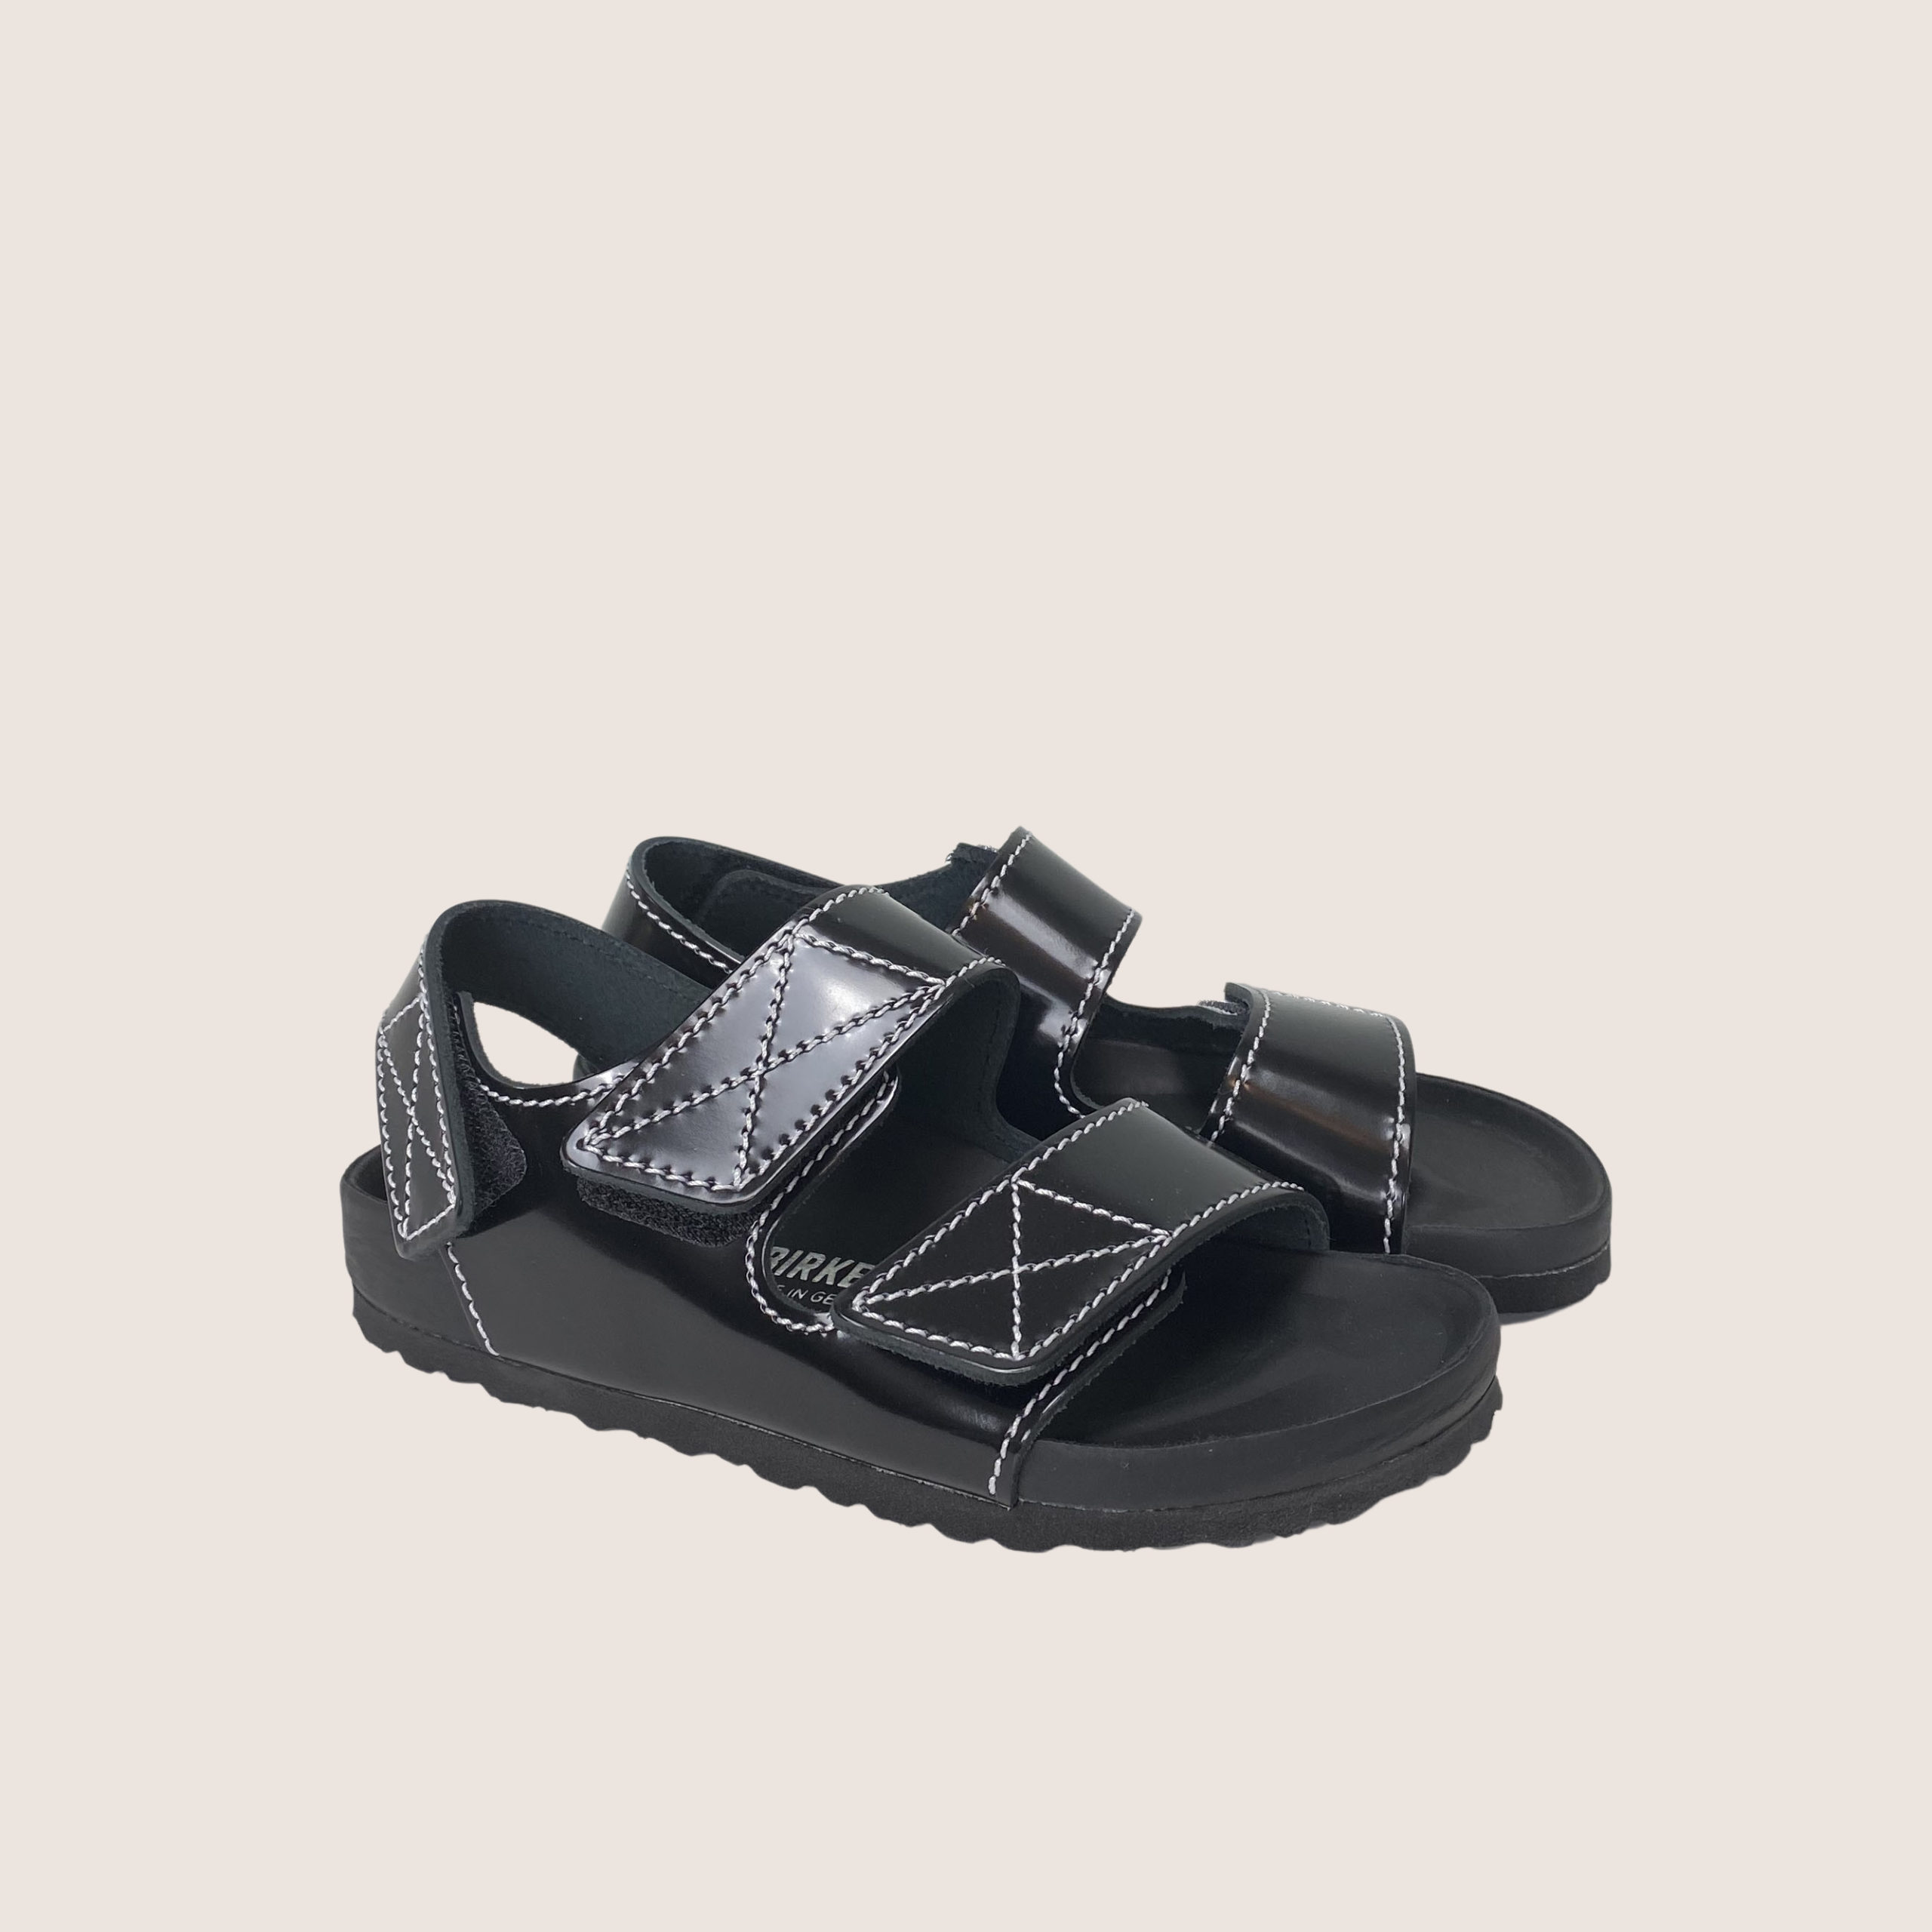 Birkenstock x PS Milano Sandals